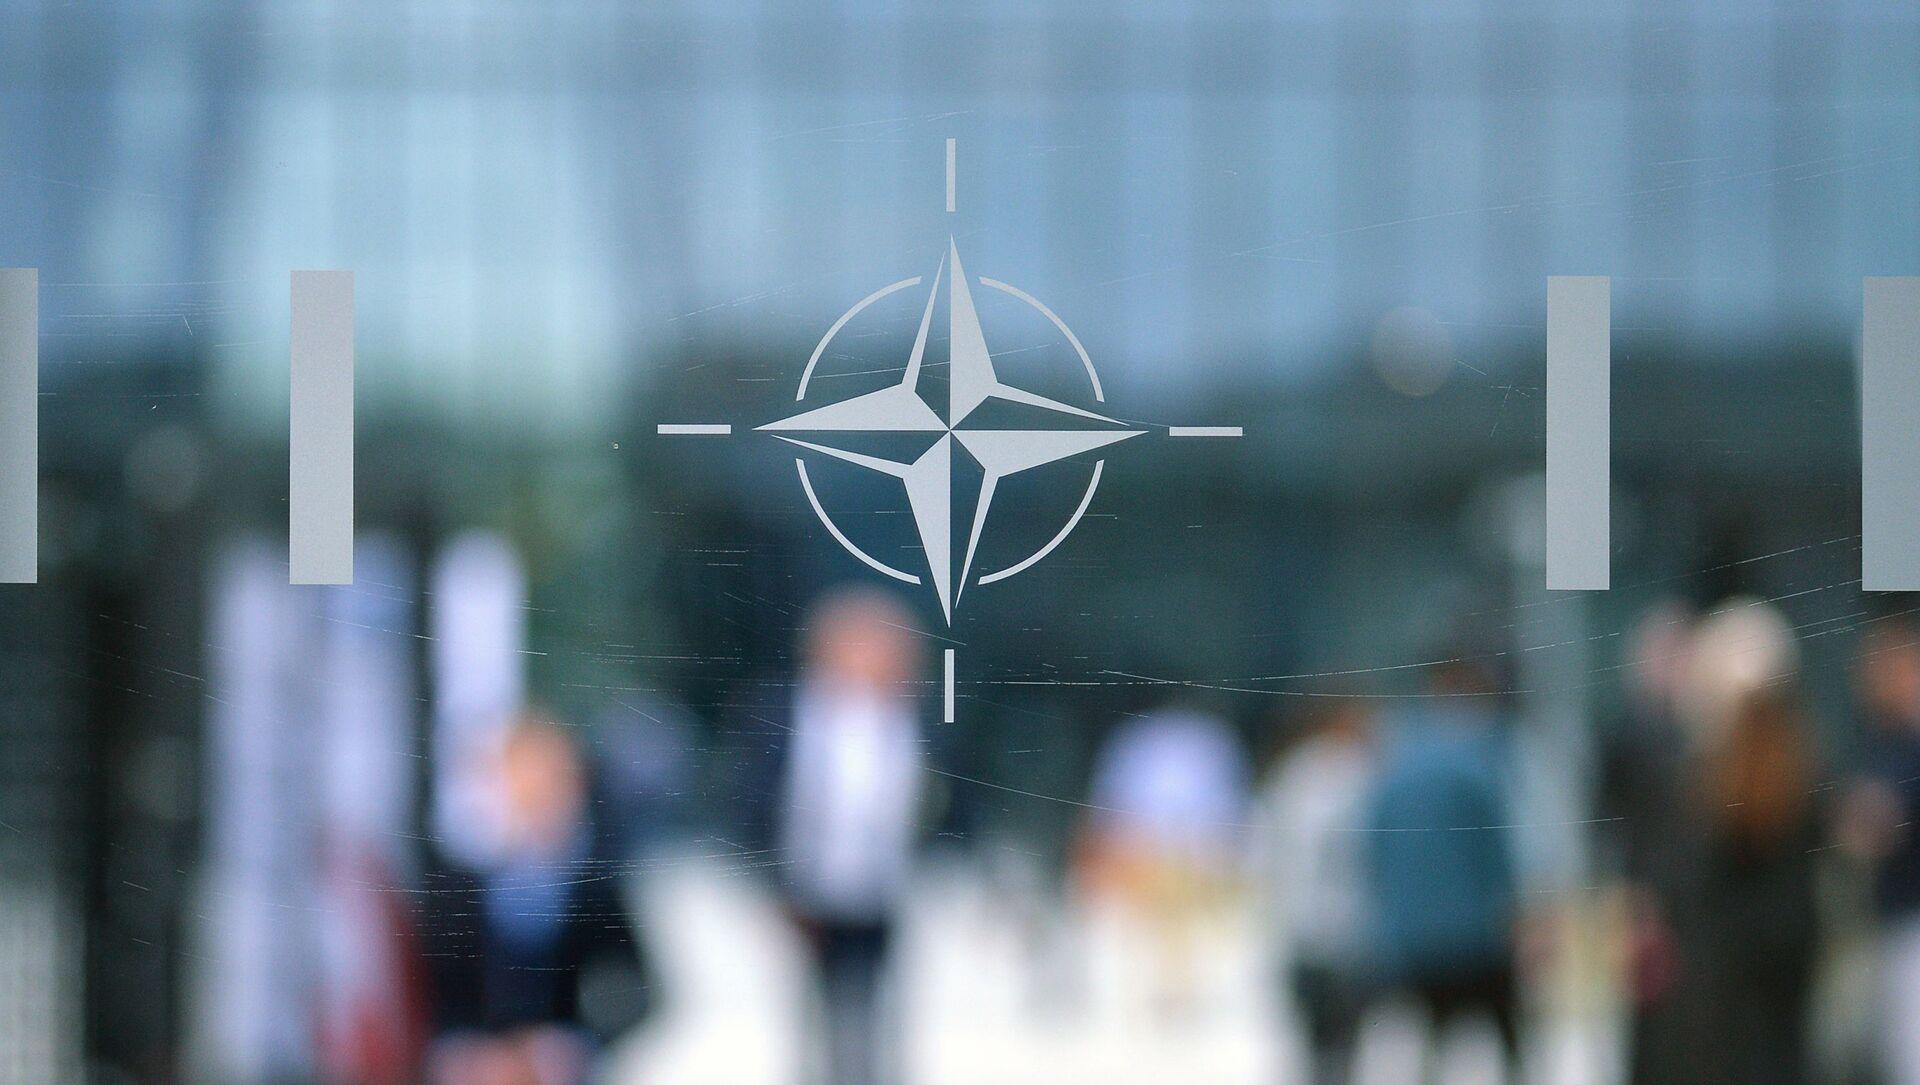 Эмблема Организации Североатлантического договора (НАТО) в Брюсселе.   - Sputnik Абхазия, 1920, 15.08.2021